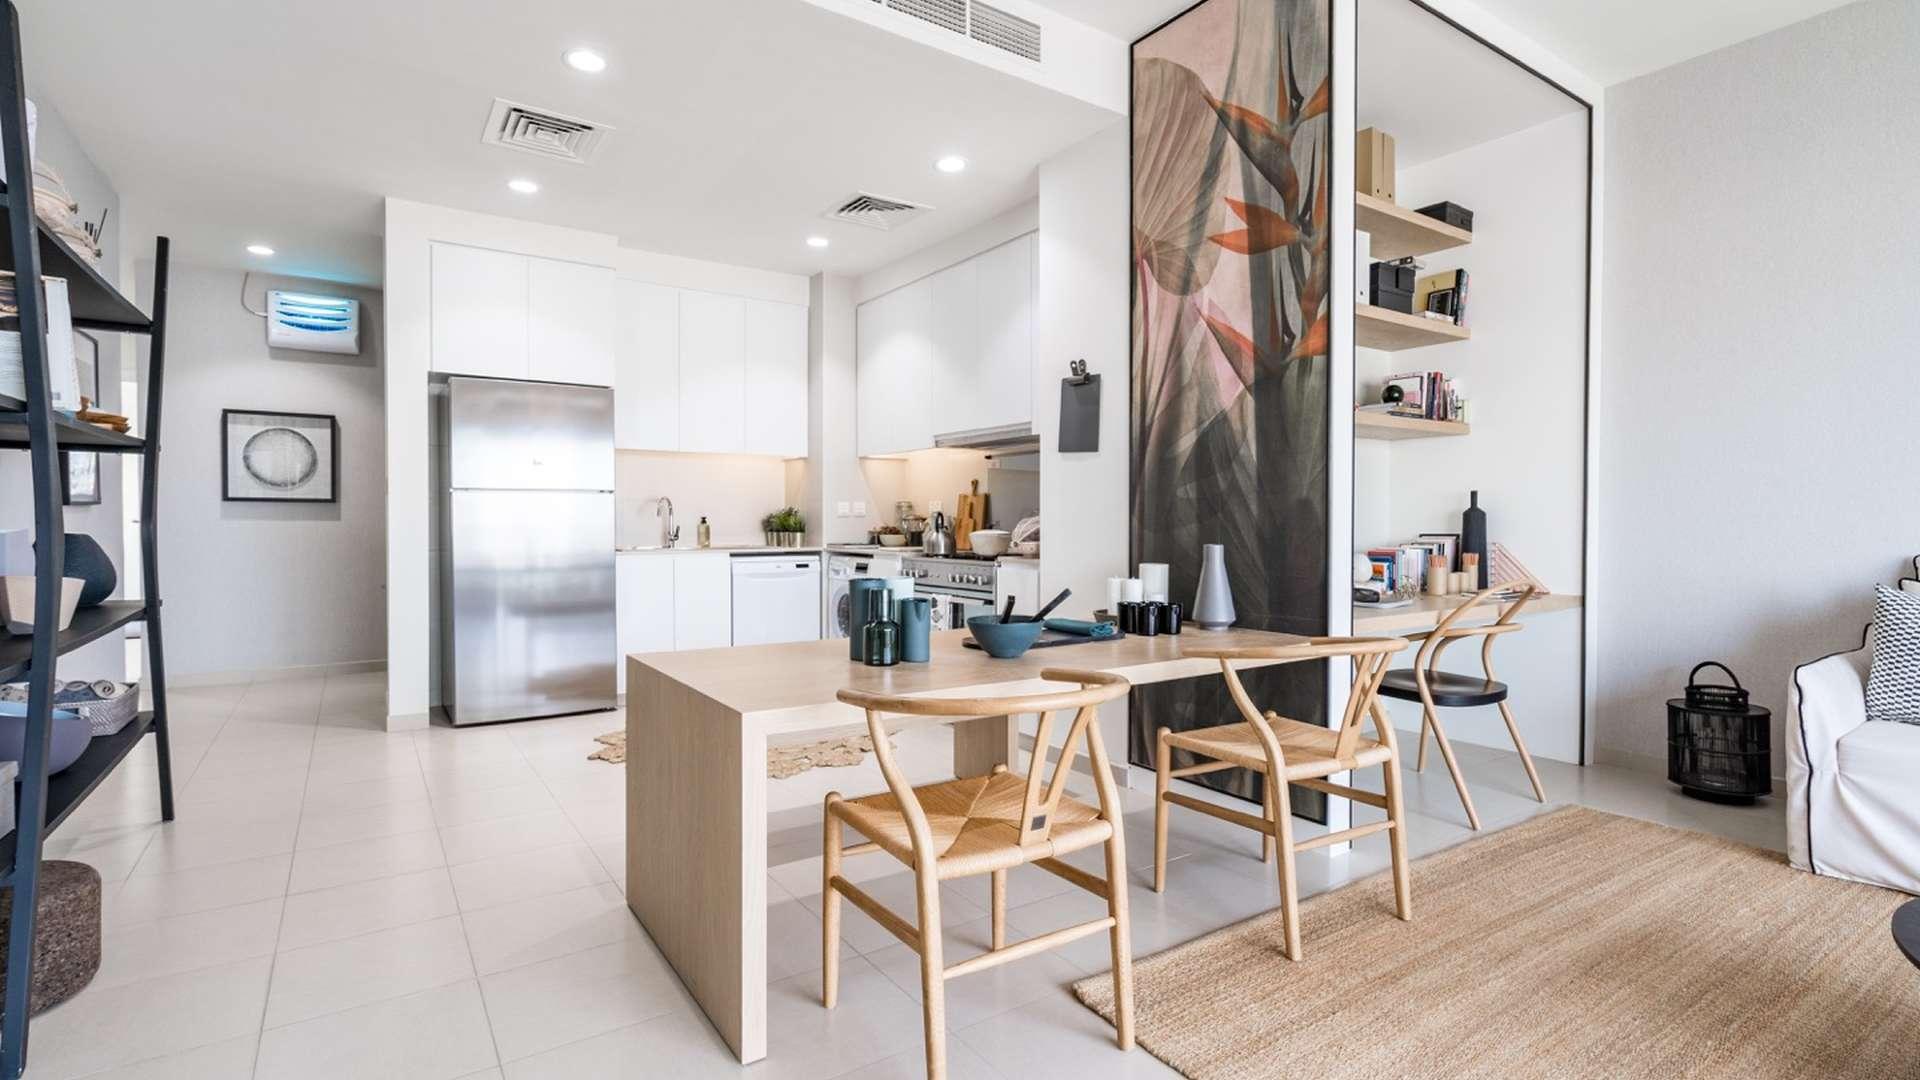 Adosado en venta en Dubai, EAU, 3 dormitorios, 212 m2, № 24248 – foto 7